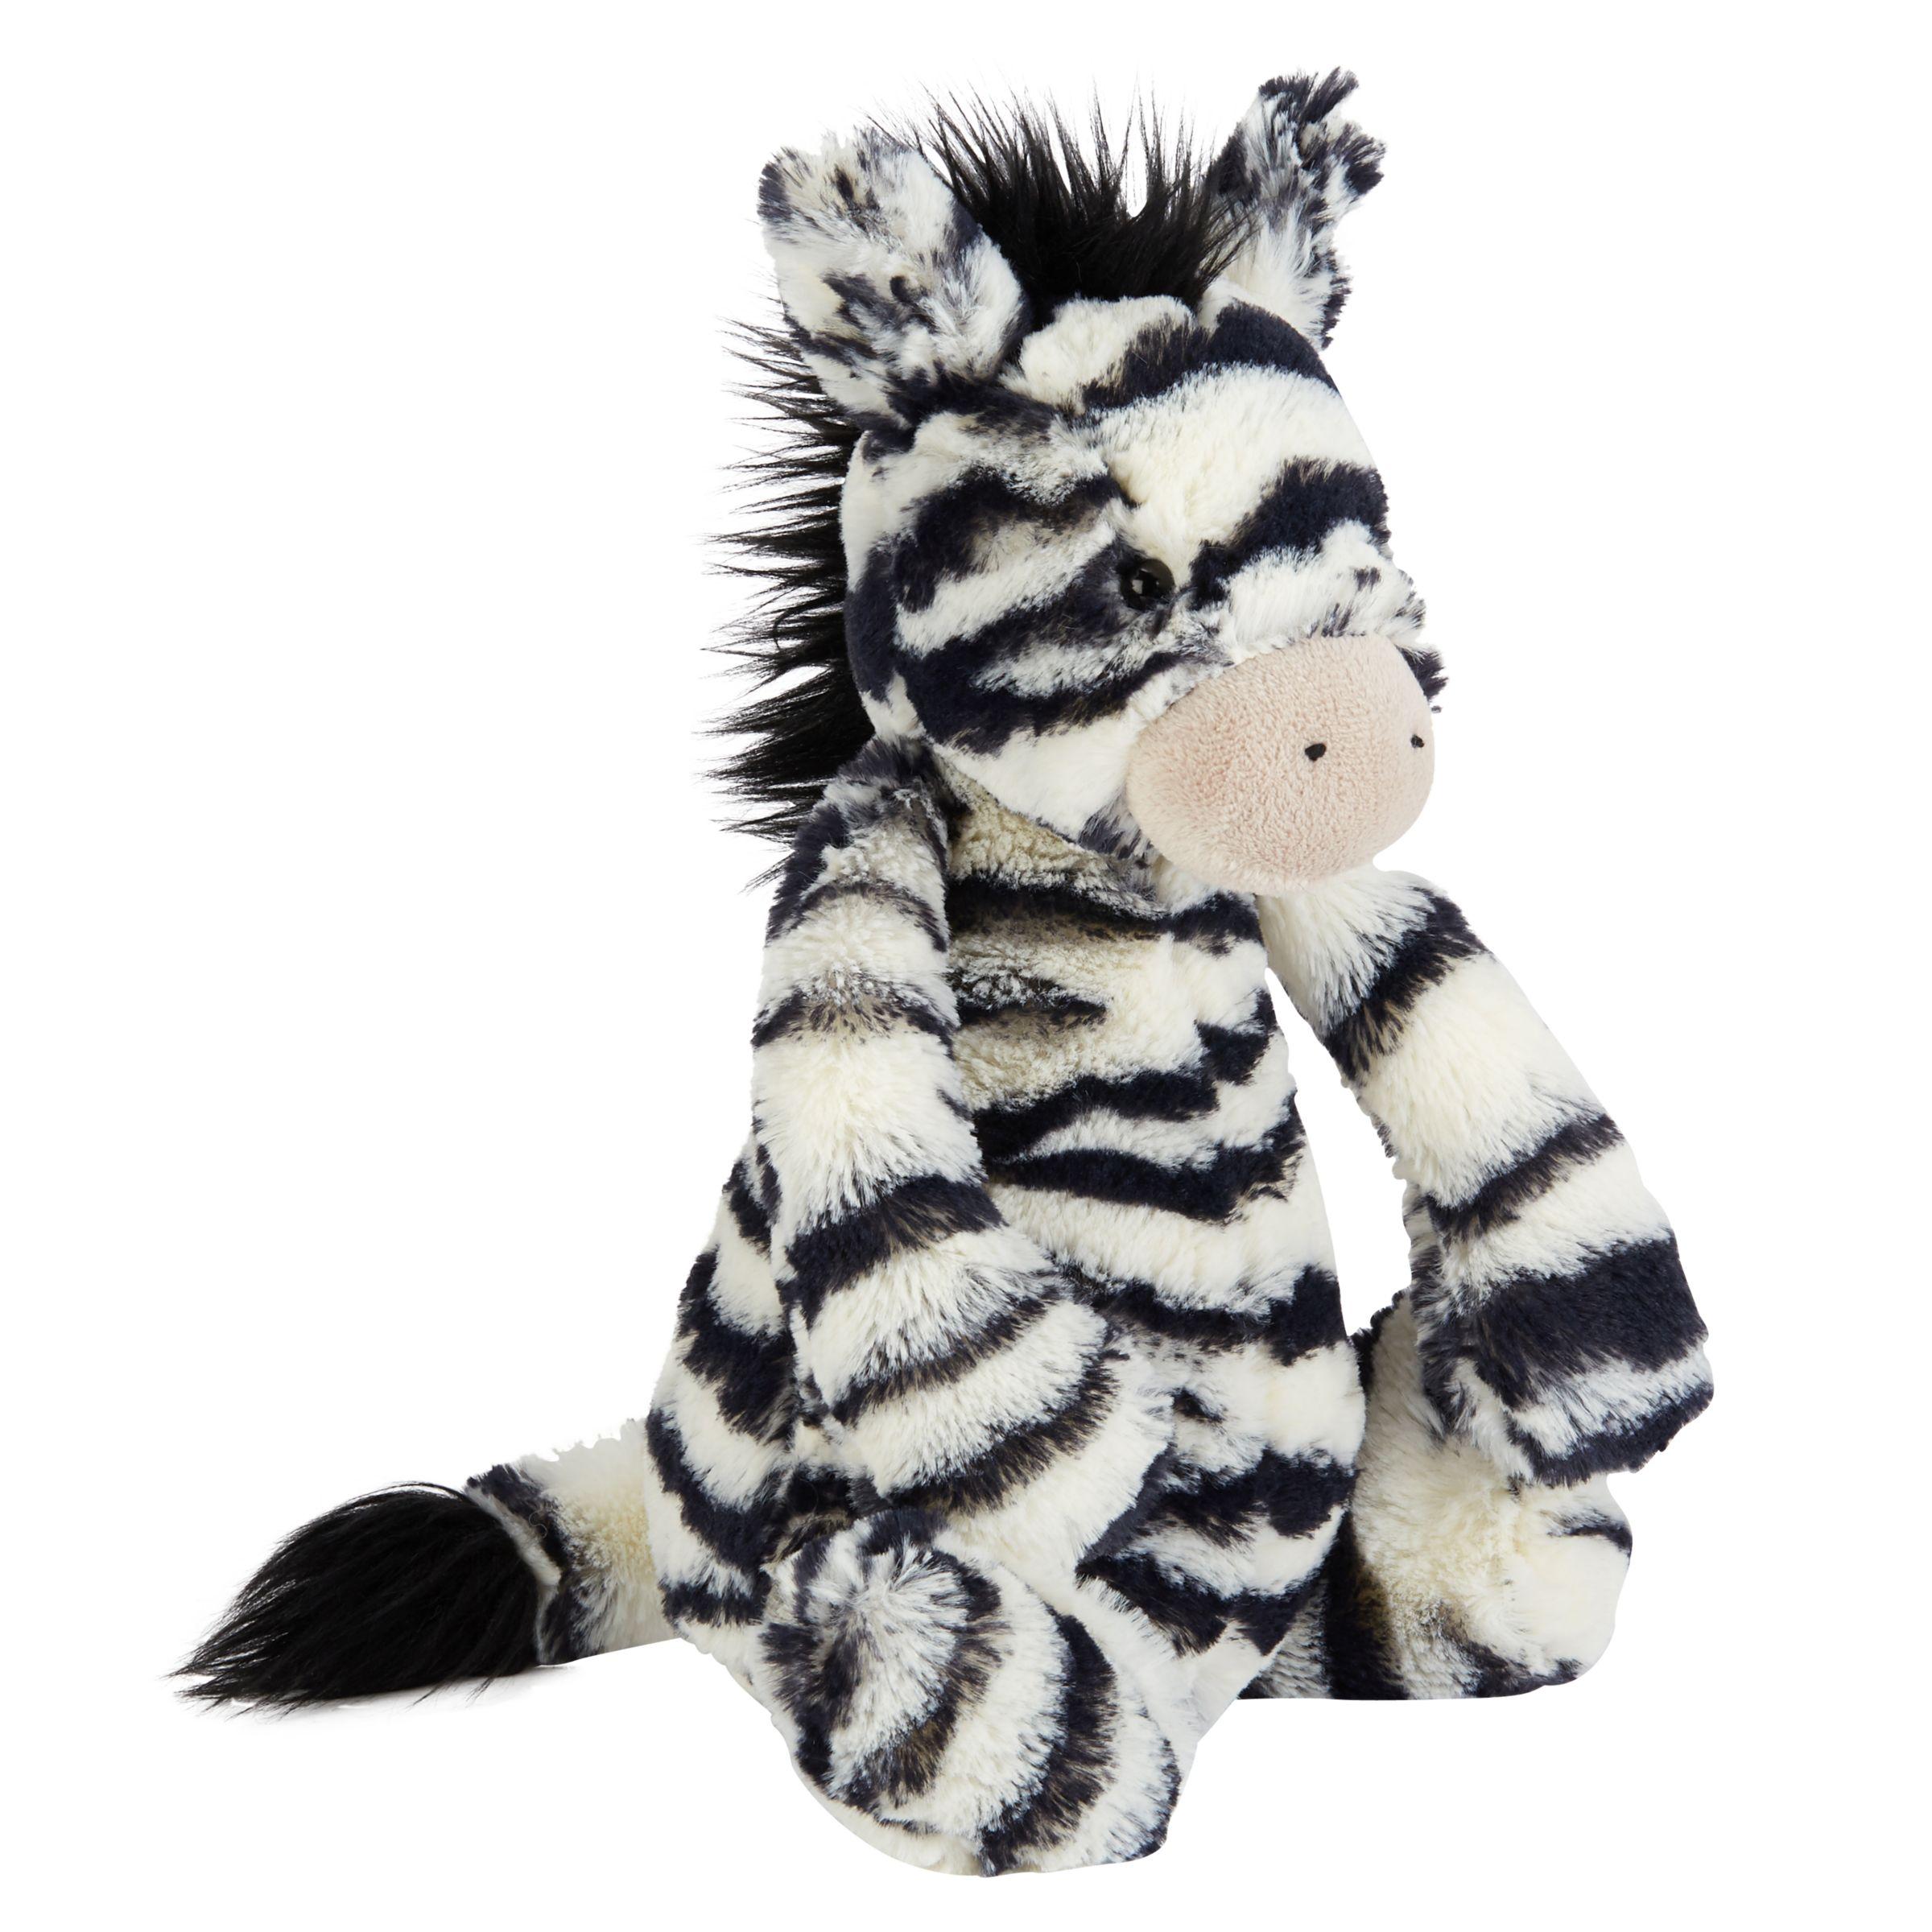 Jellycat Jellycat Bashful Zebra Soft Toy, Medium